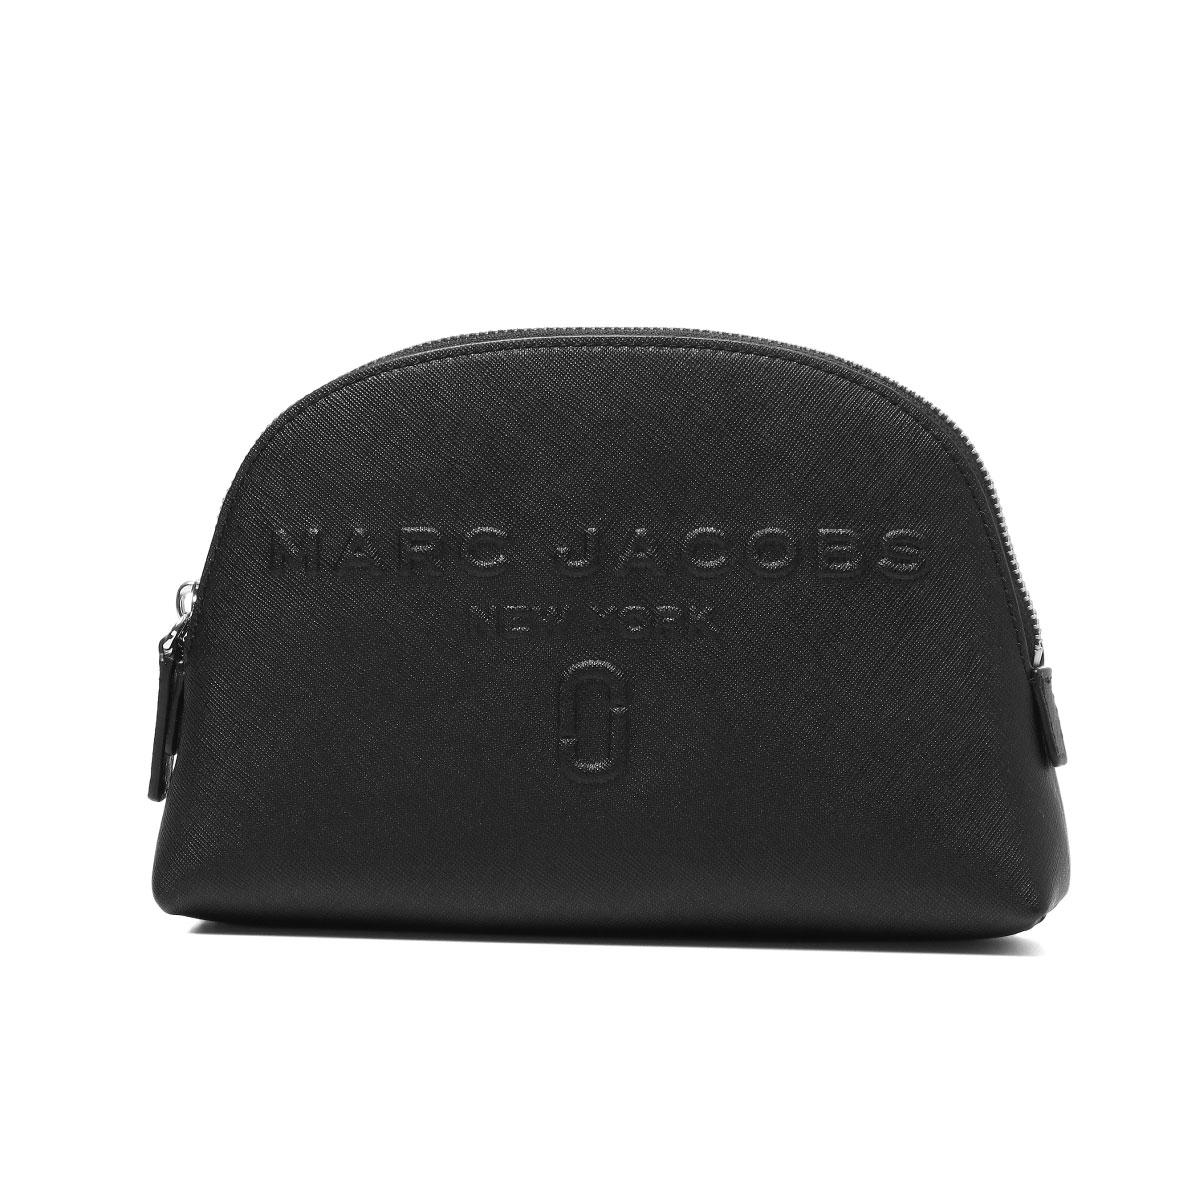 マーク ジェイコブス MARC JACOBS ポーチ レディース M0013651 001 LOGO SHOPPER ロゴ ショッパー BLACK ブラック